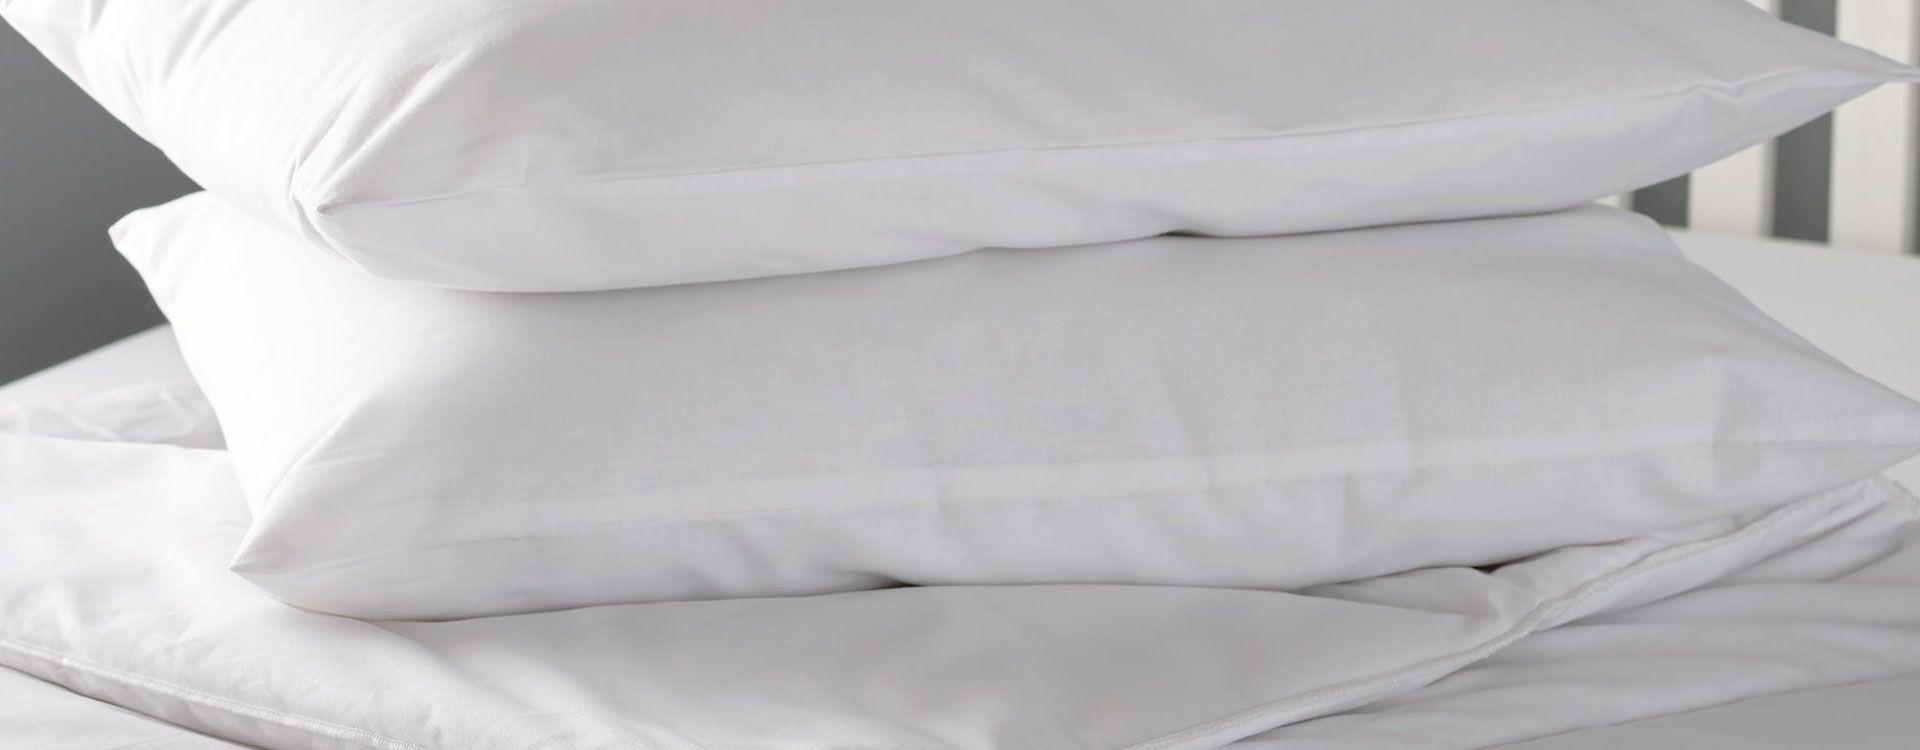 Flame Retardant Bedding